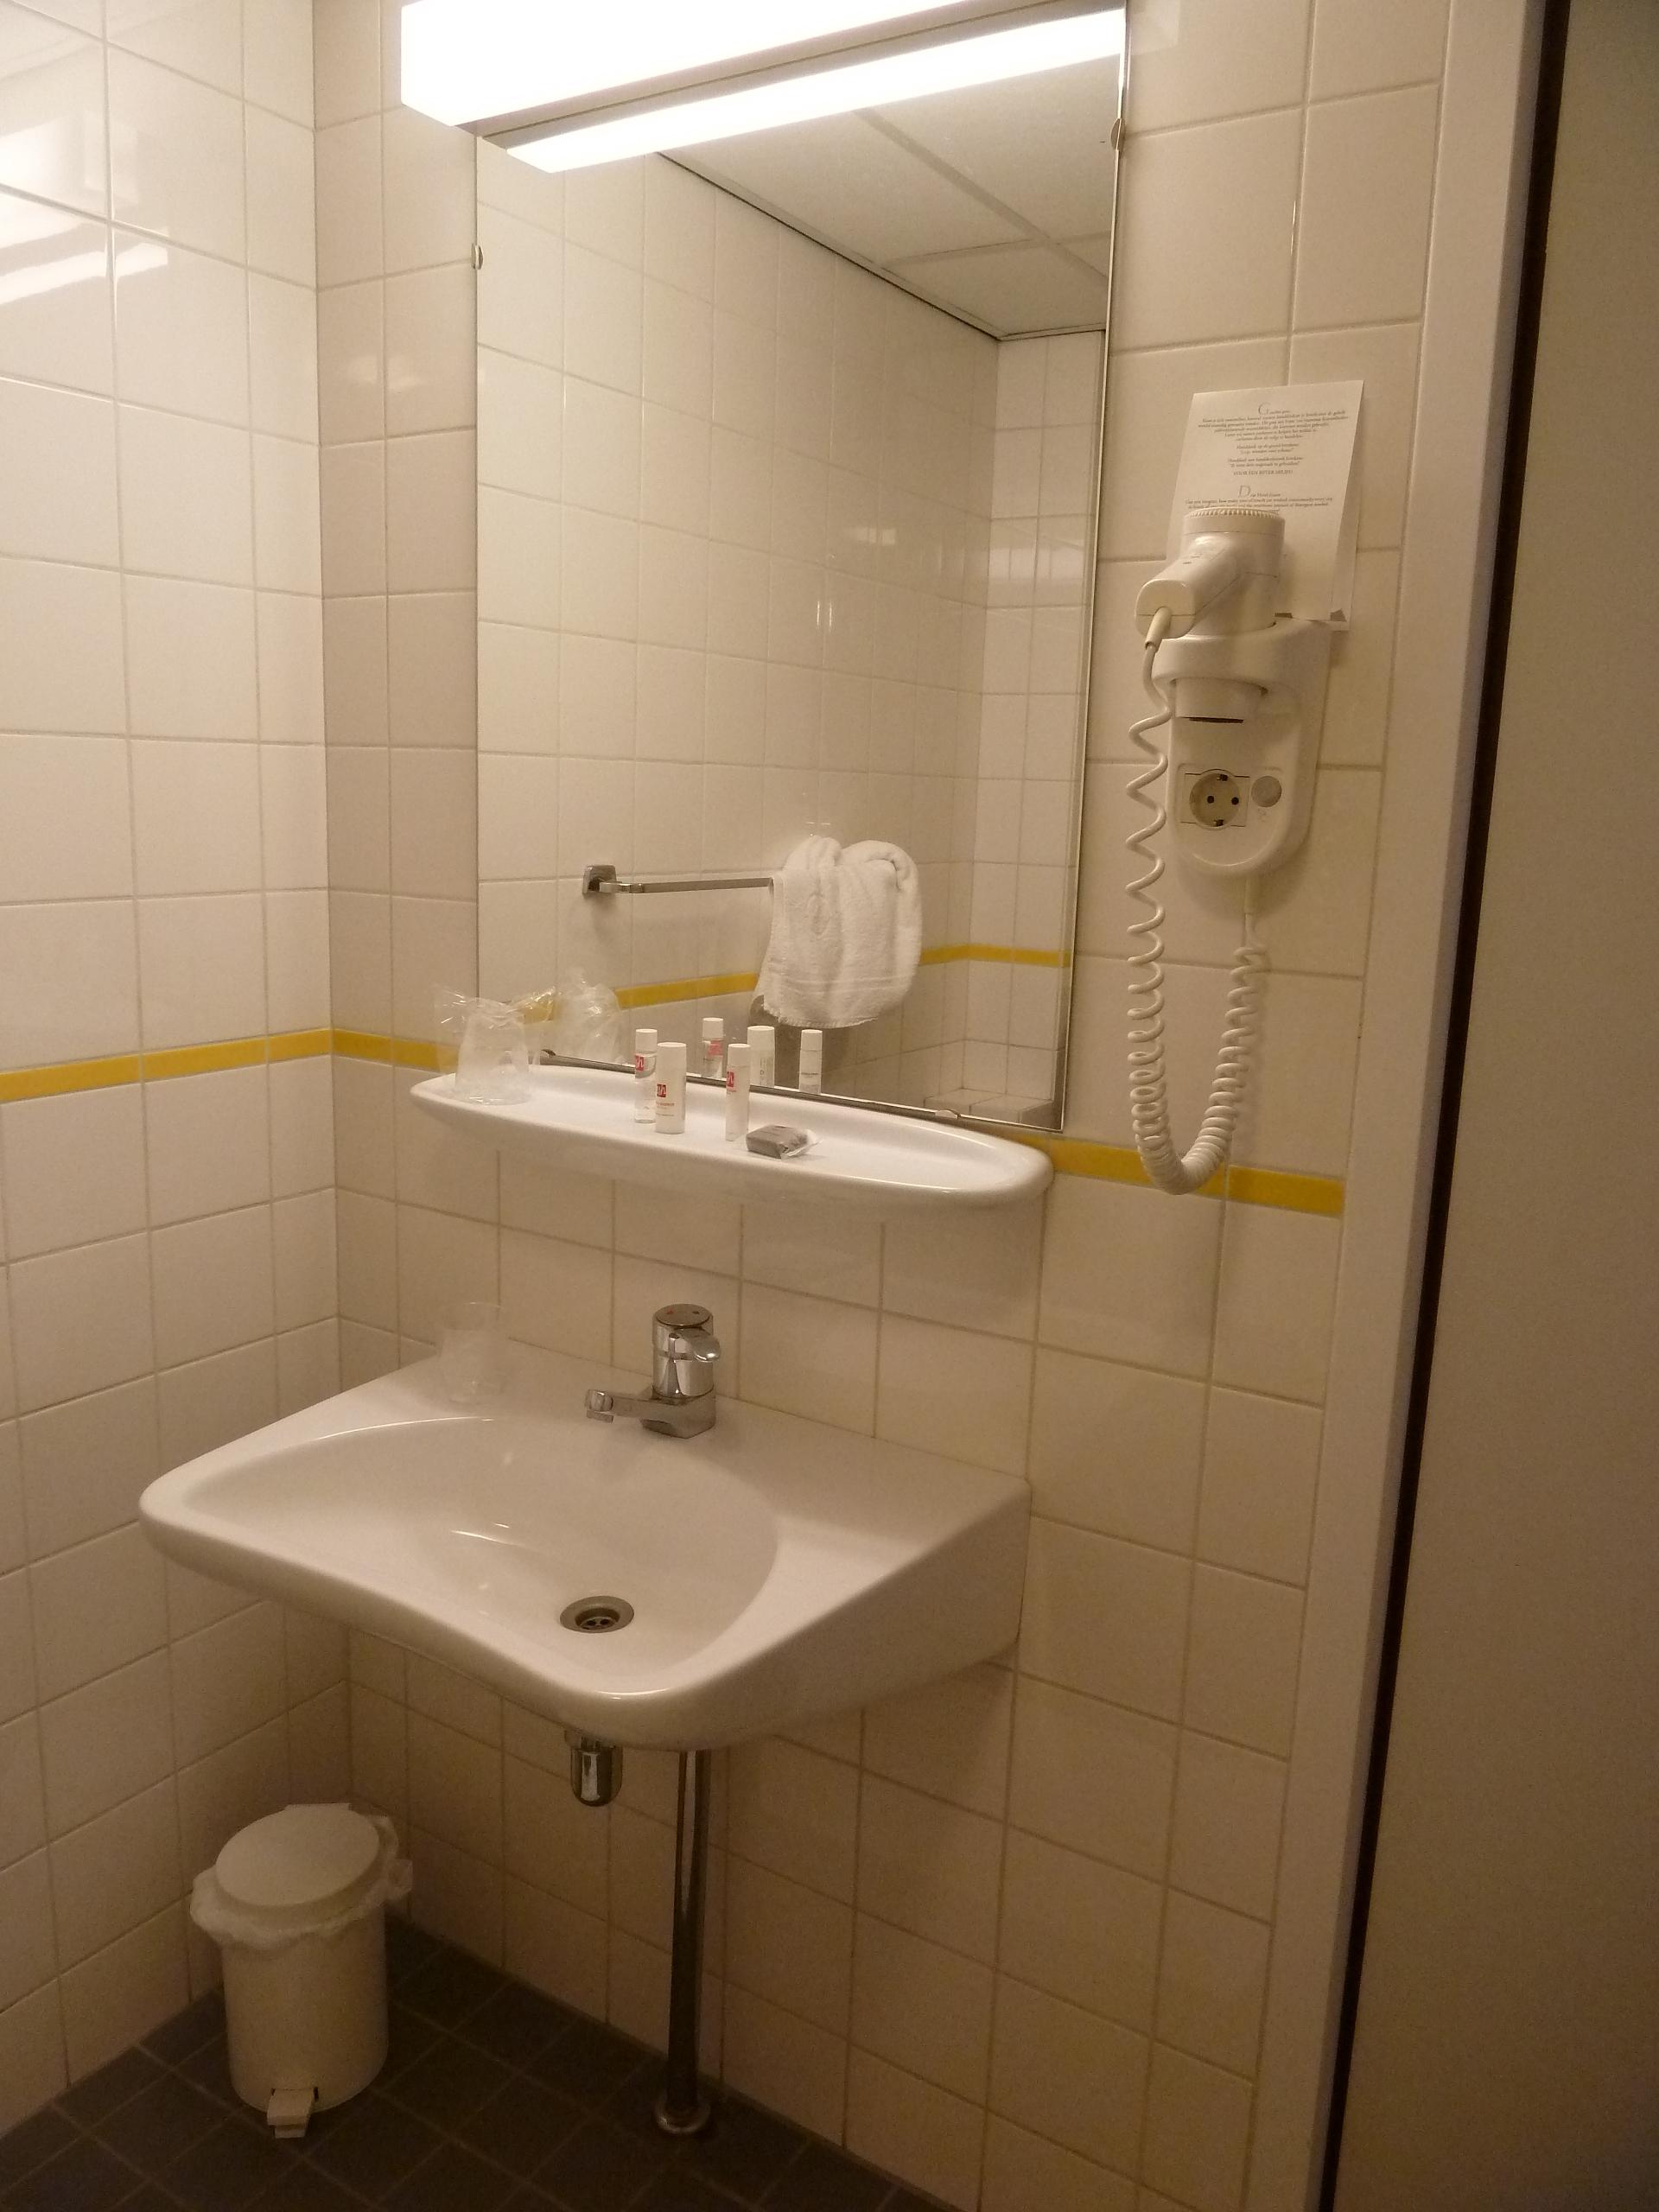 Badkamer invalidekamer Ernst Sillem Hoeve (hoogte spiegel en fohn ...